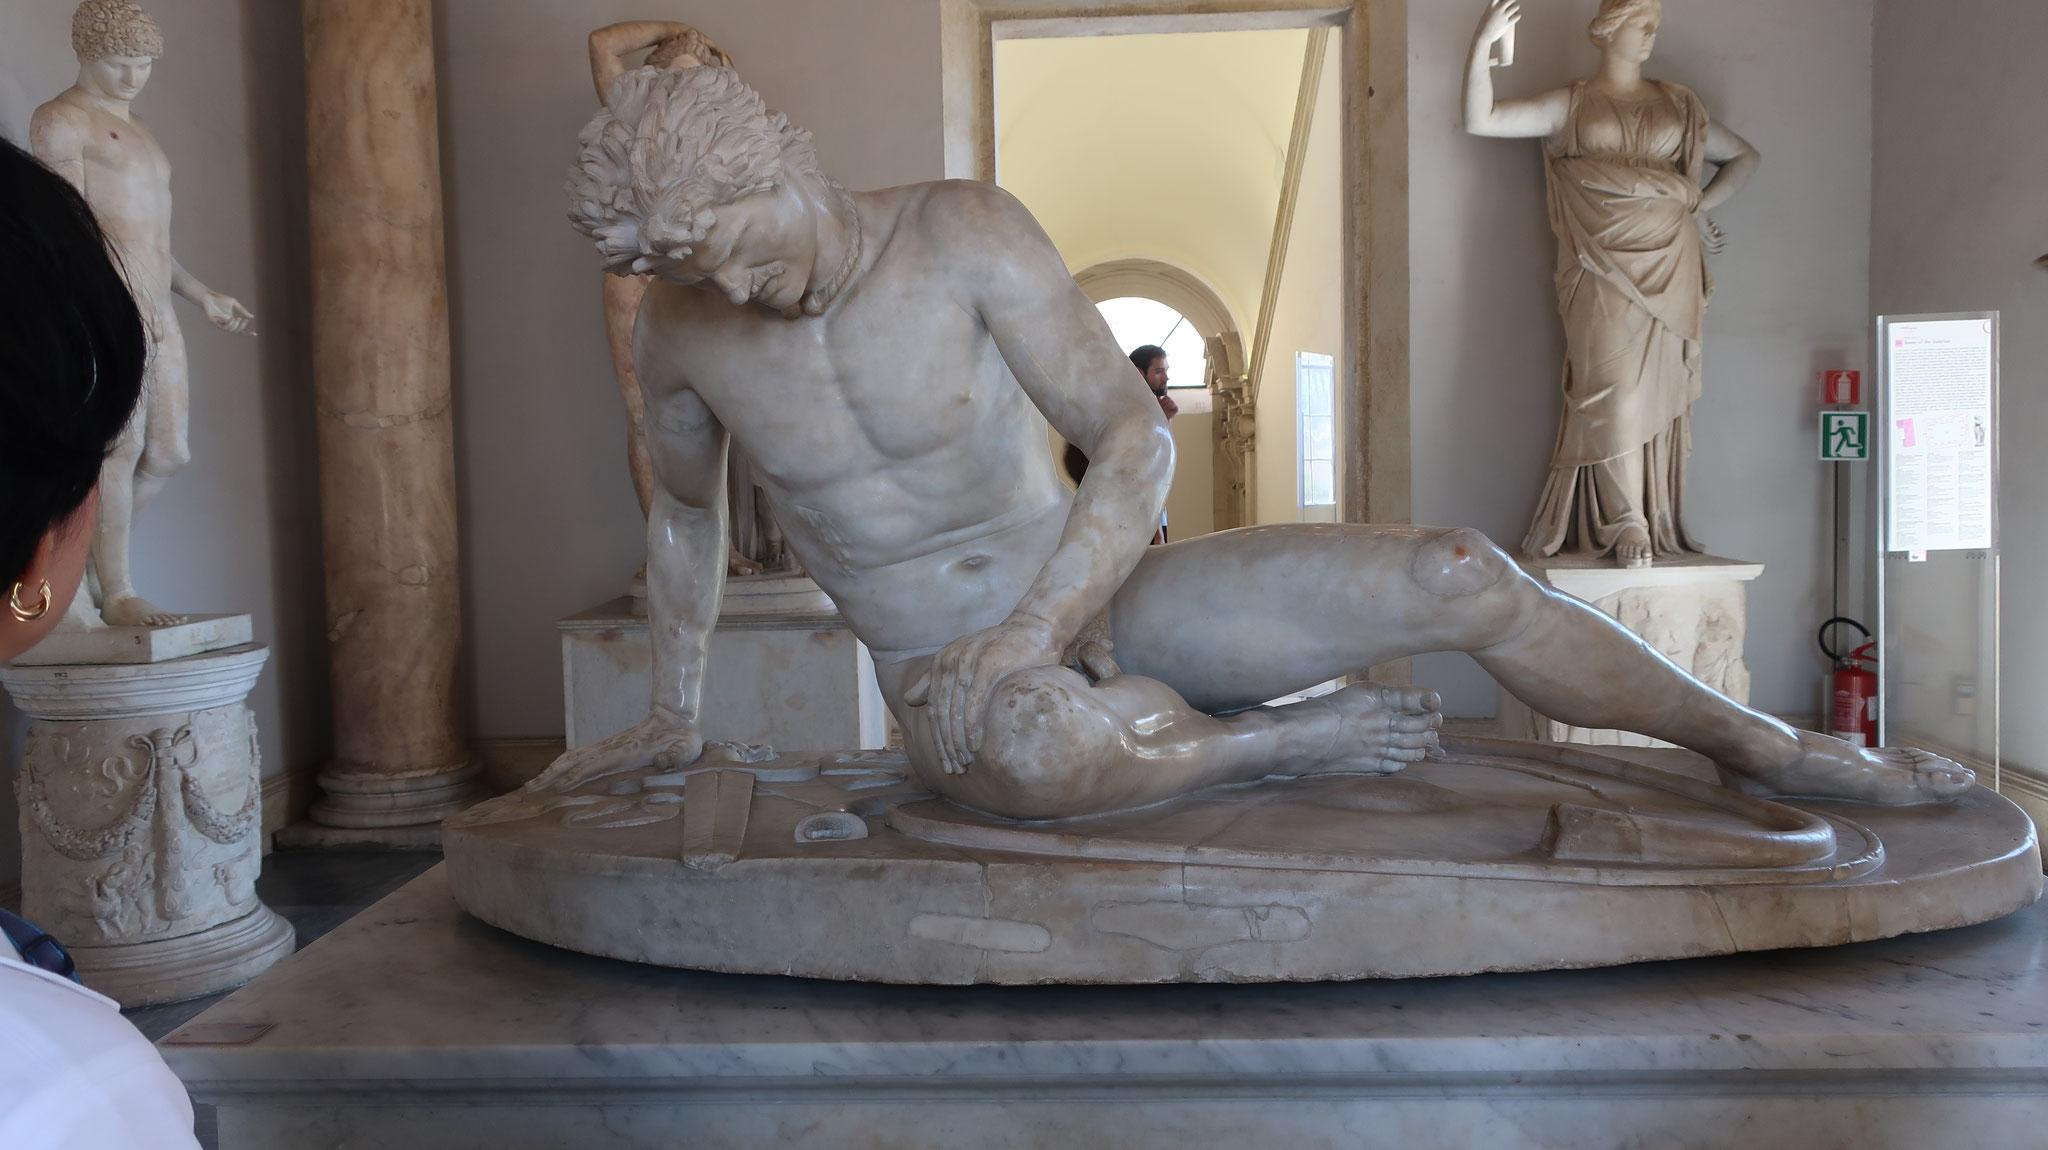 瀕死のガリア人。紀元前3世紀頃のブロンズ像をローマ時代に摸刻した物。